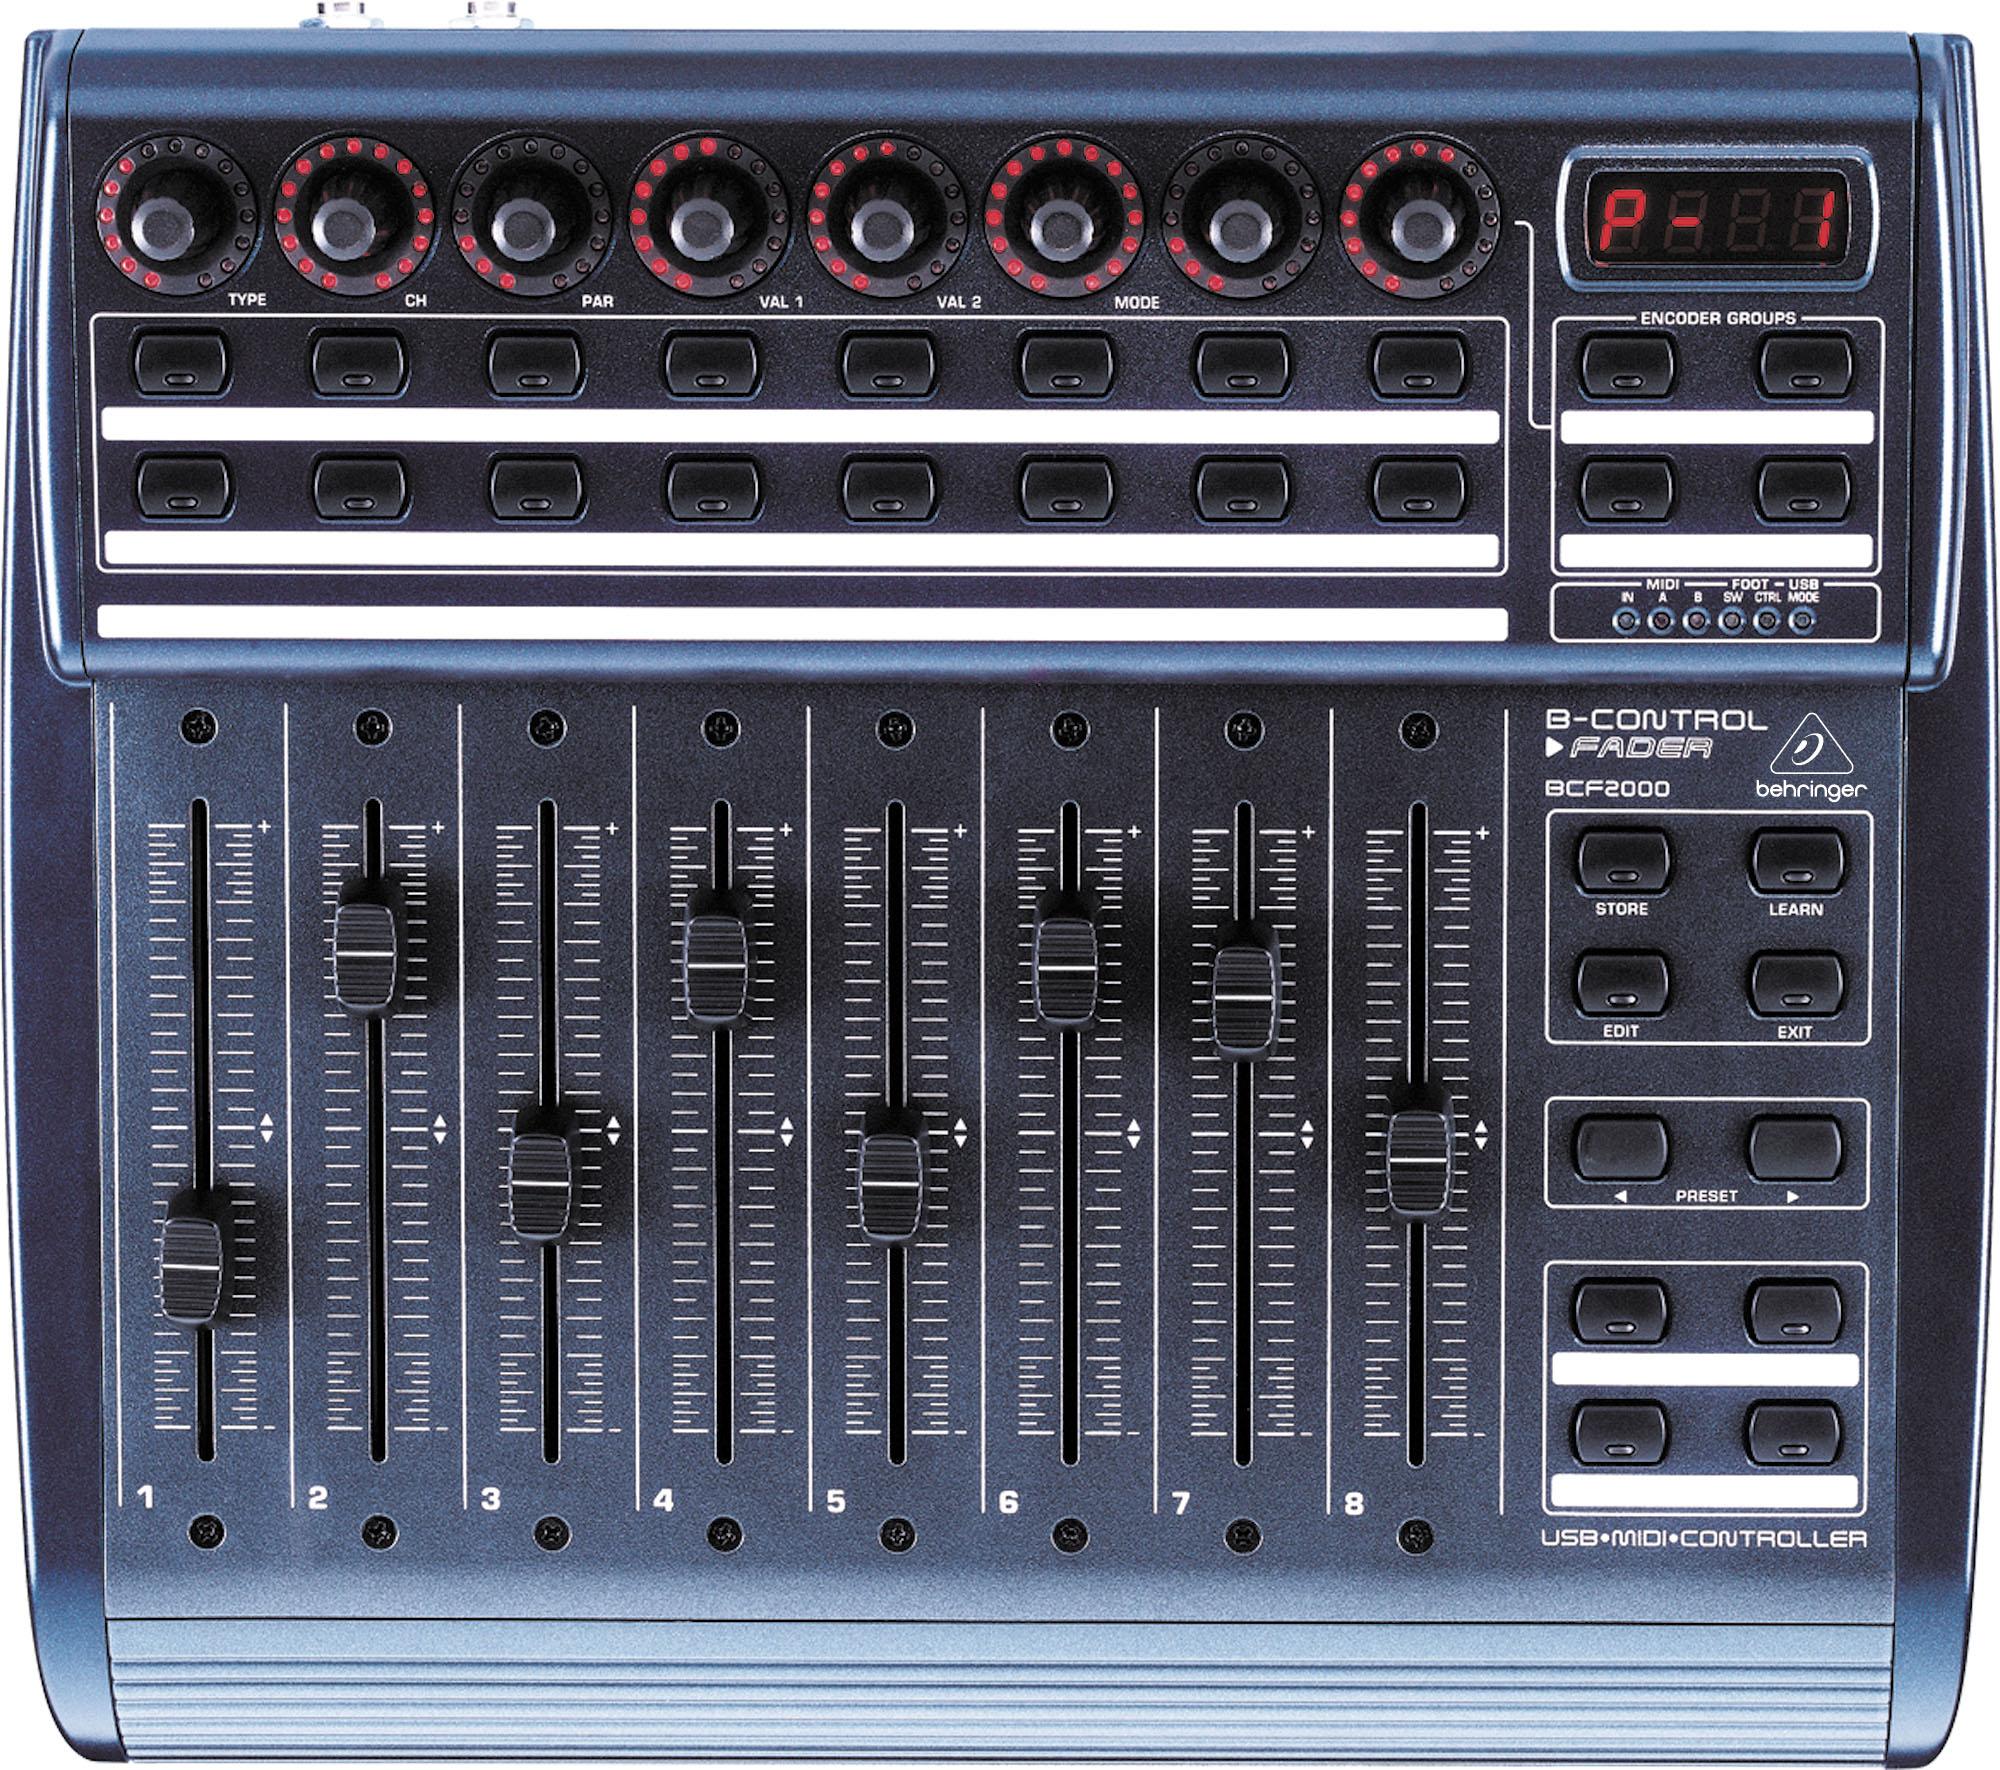 b control fader bcf2000 behringer b control fader bcf2000 audiofanzine. Black Bedroom Furniture Sets. Home Design Ideas